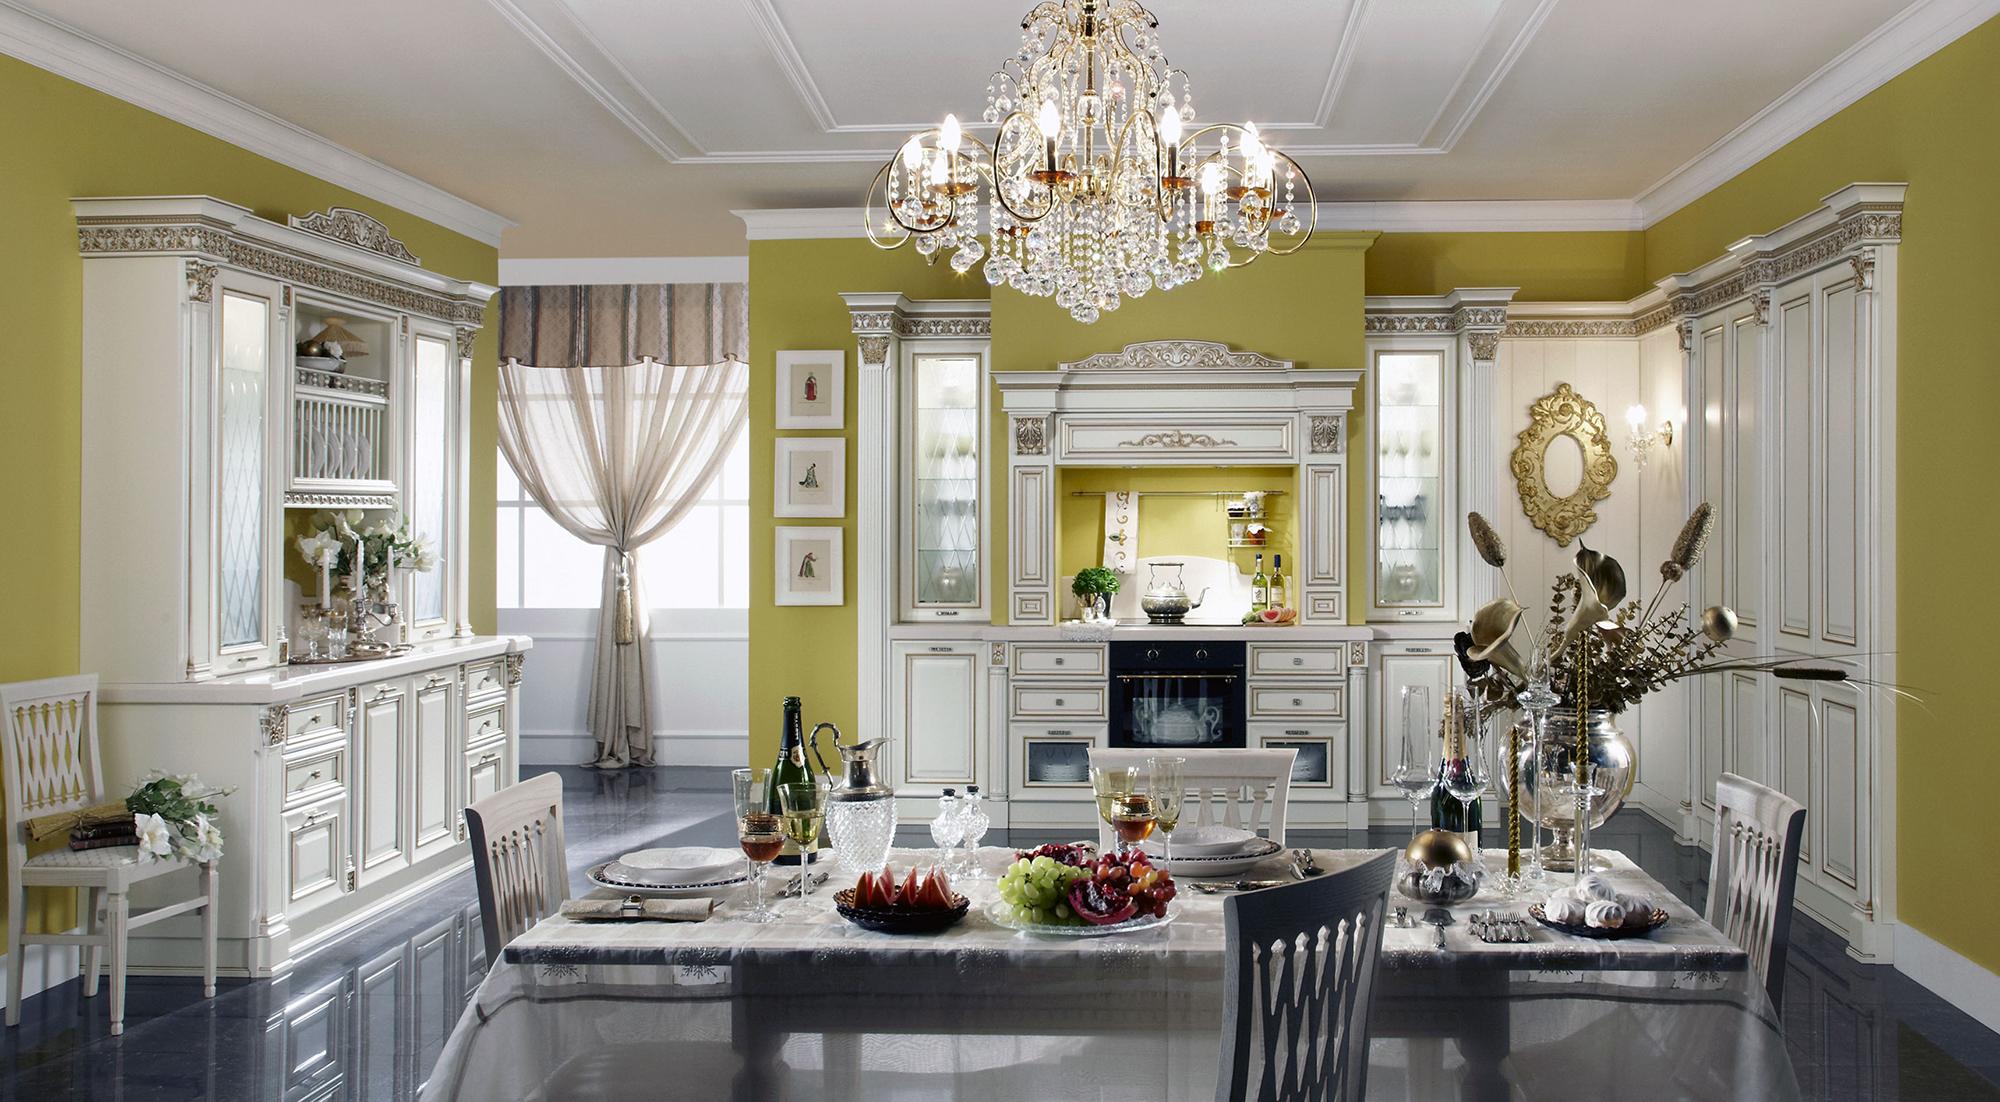 Люстры в интерьере (58 фото): красивые модели для квартиры